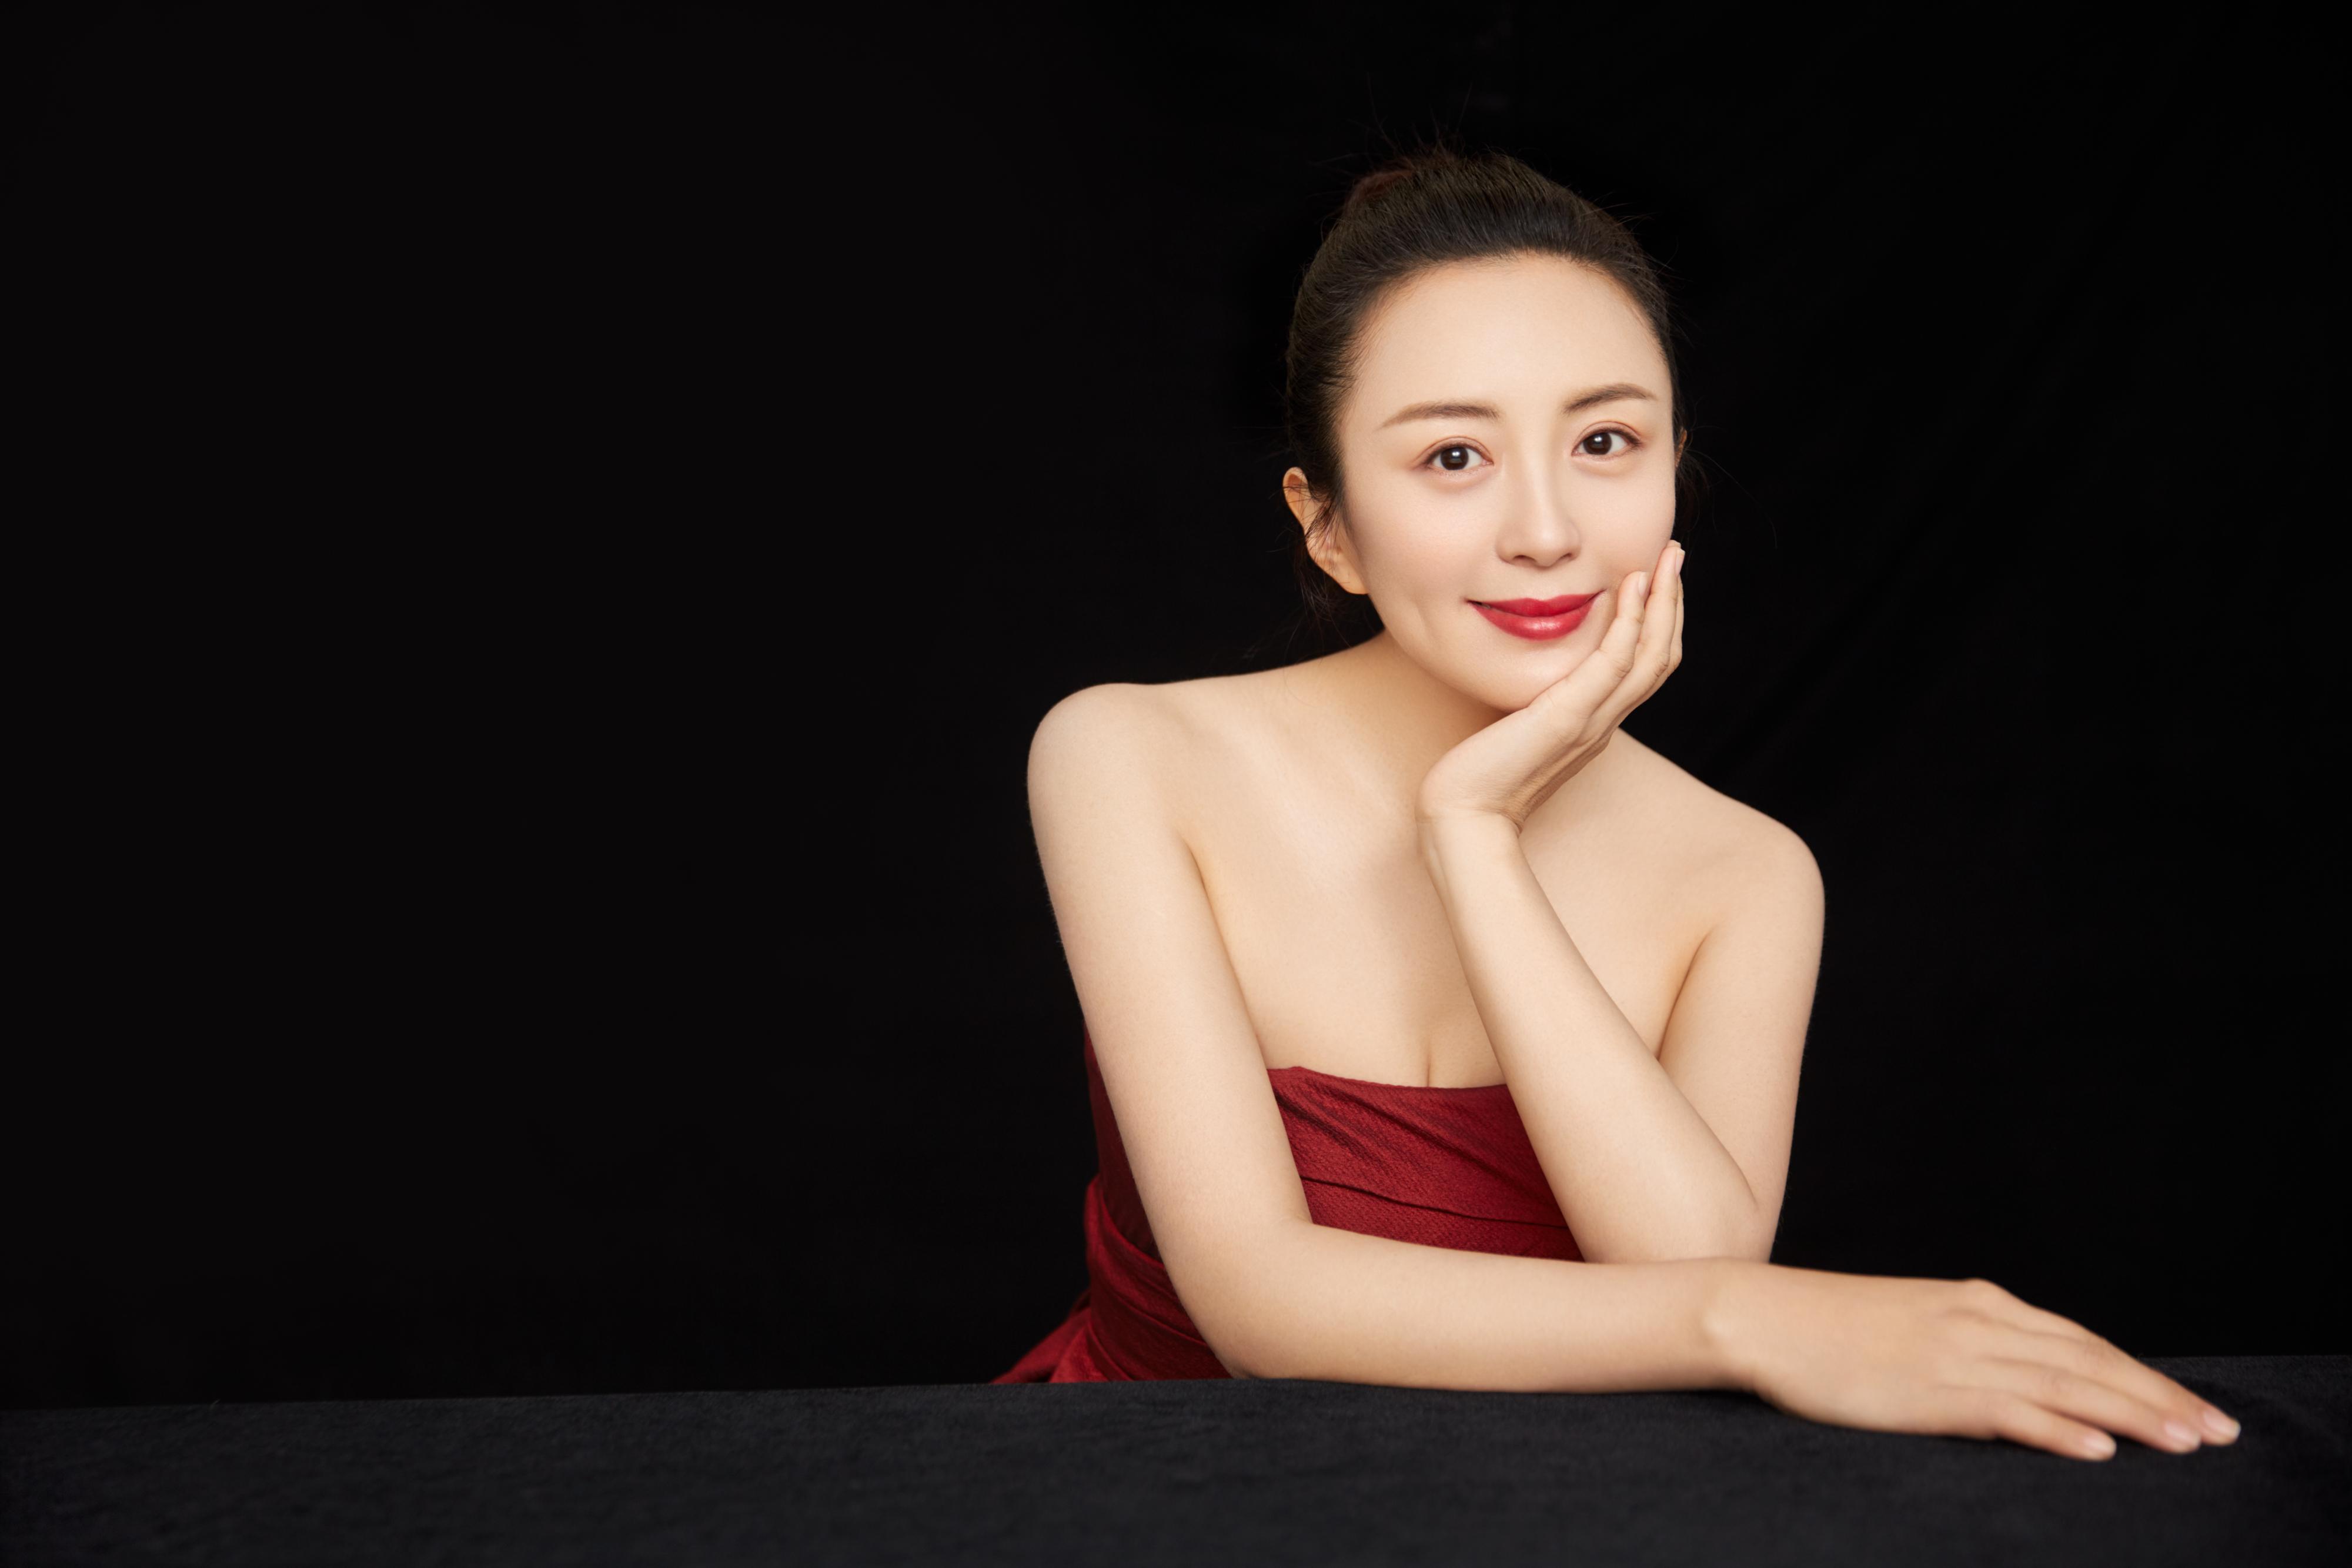 杨童舒红裙写真曝光 笑容优雅尽展迷人气质